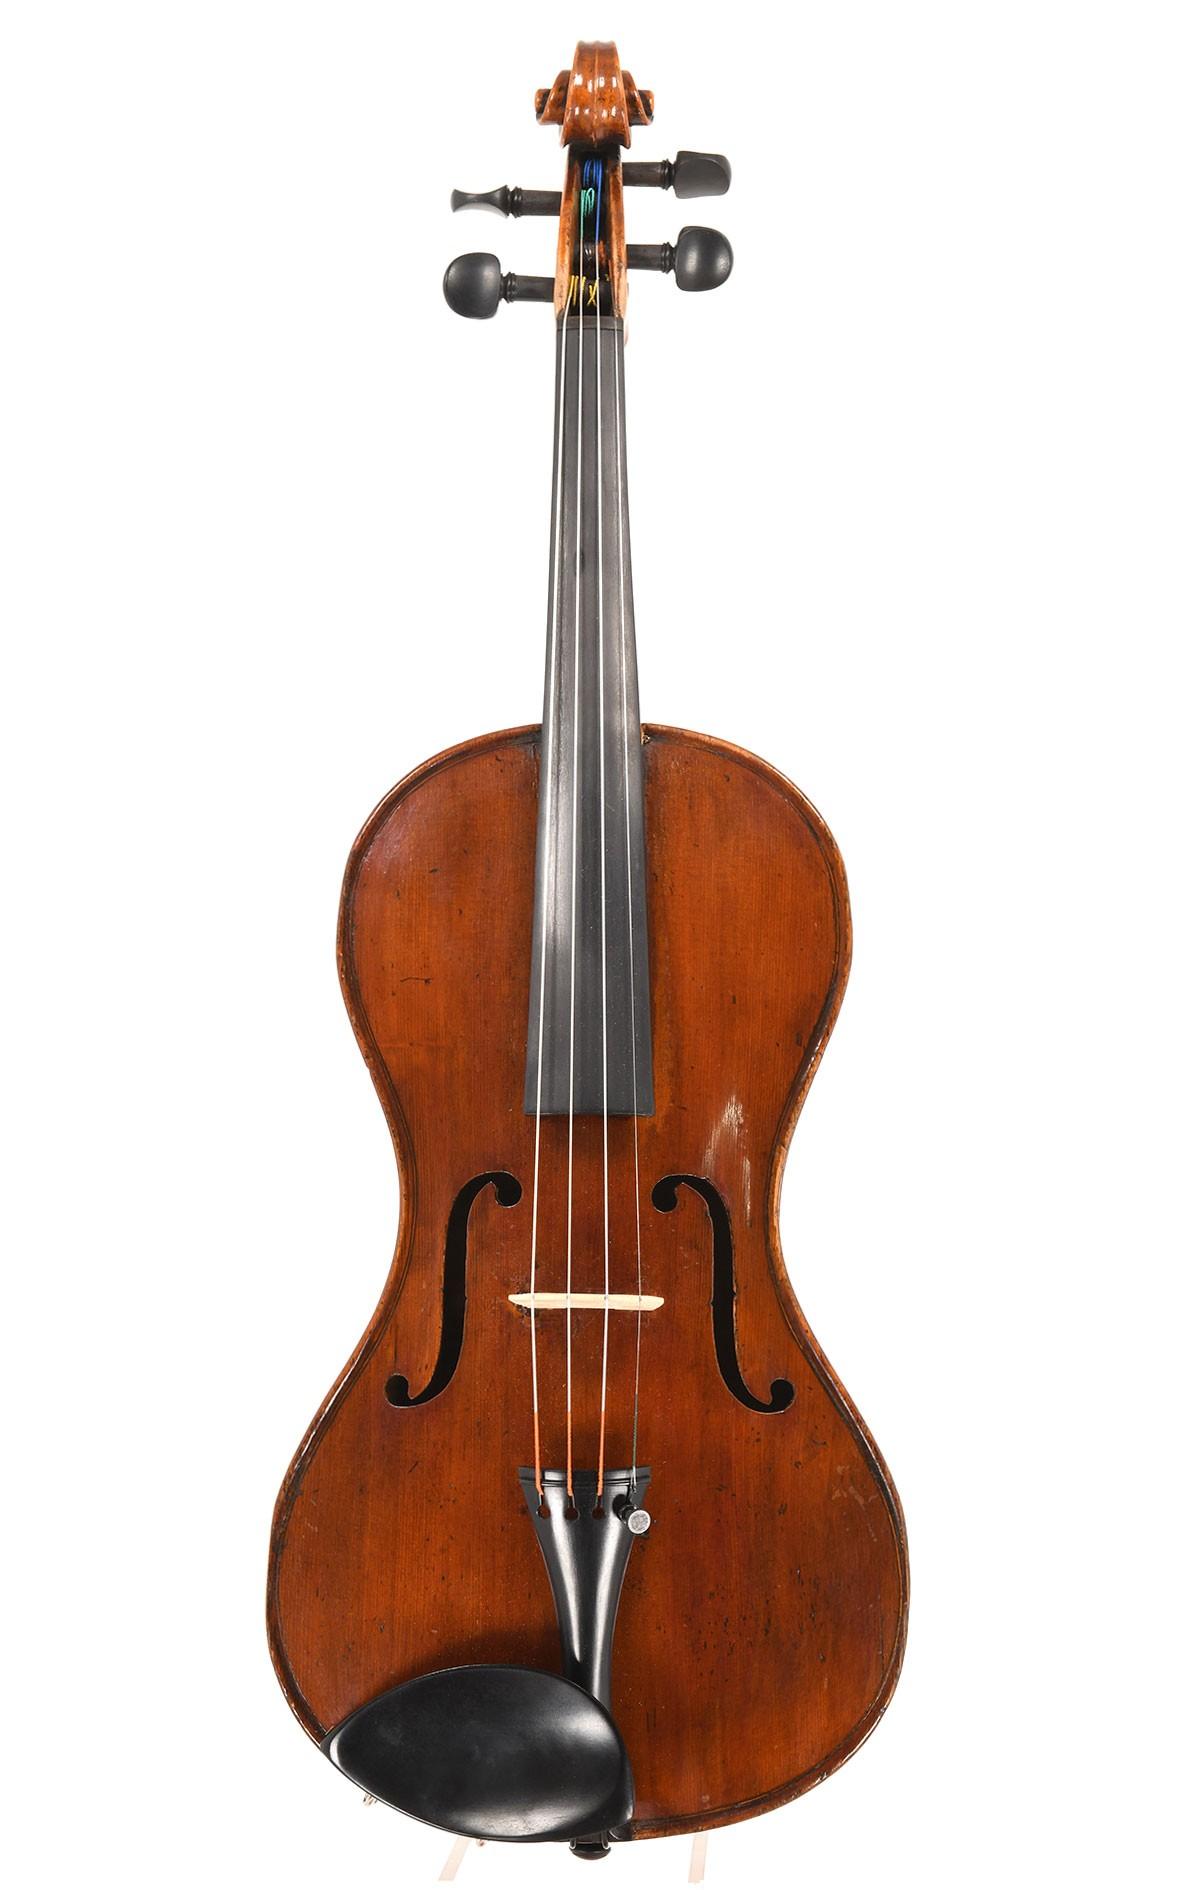 Rare violon français antique c.1850 modèle Chanot